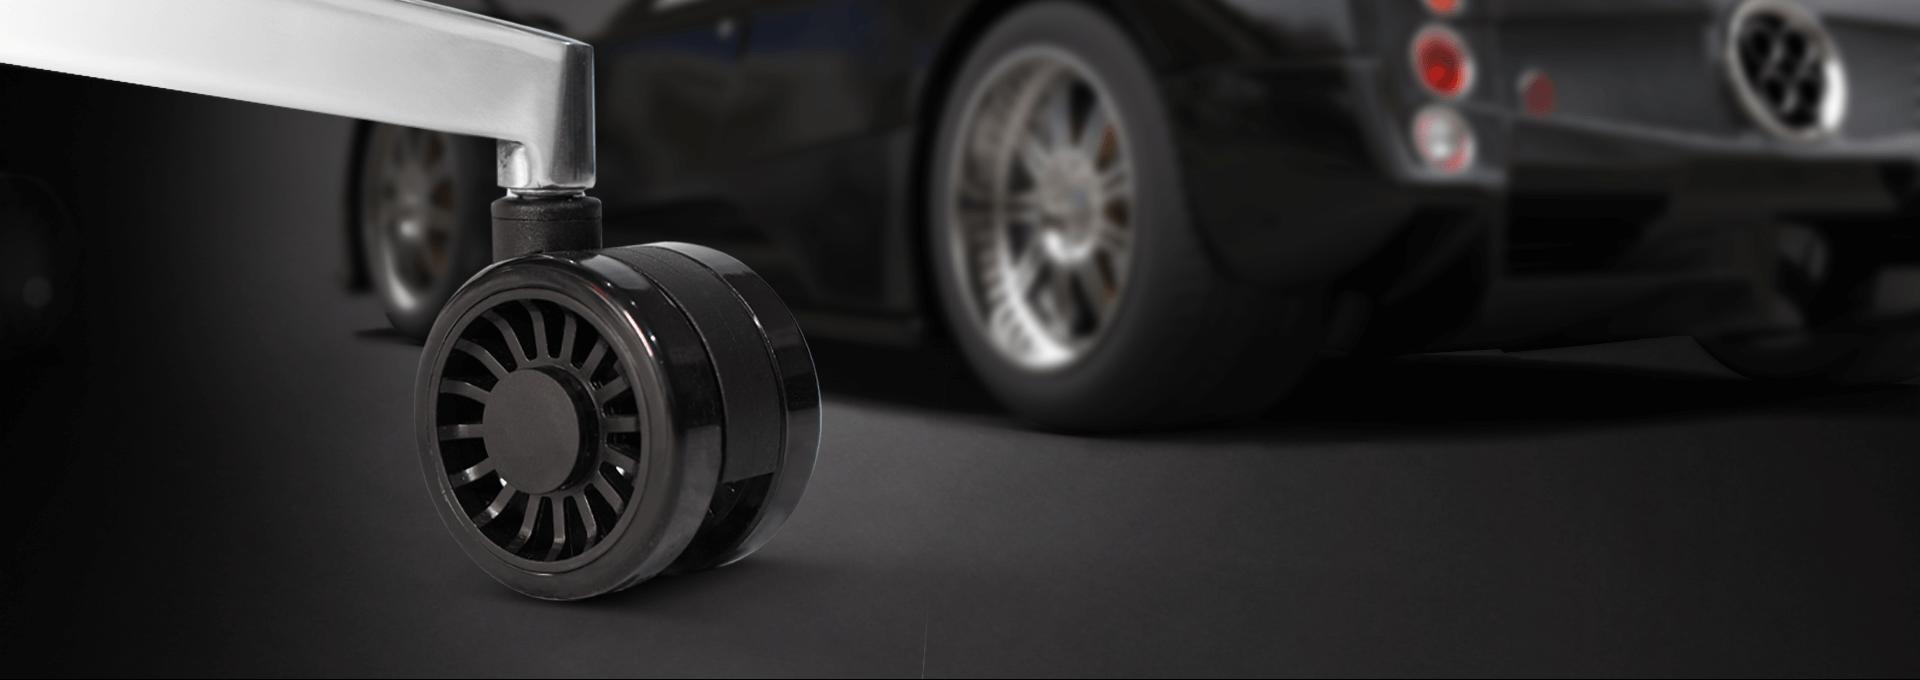 Ghế Gamer CoolerMaster Caliber X1 (CMI-GCX1-2019) trang bị bánh xe có thể di chuyển thoải mái